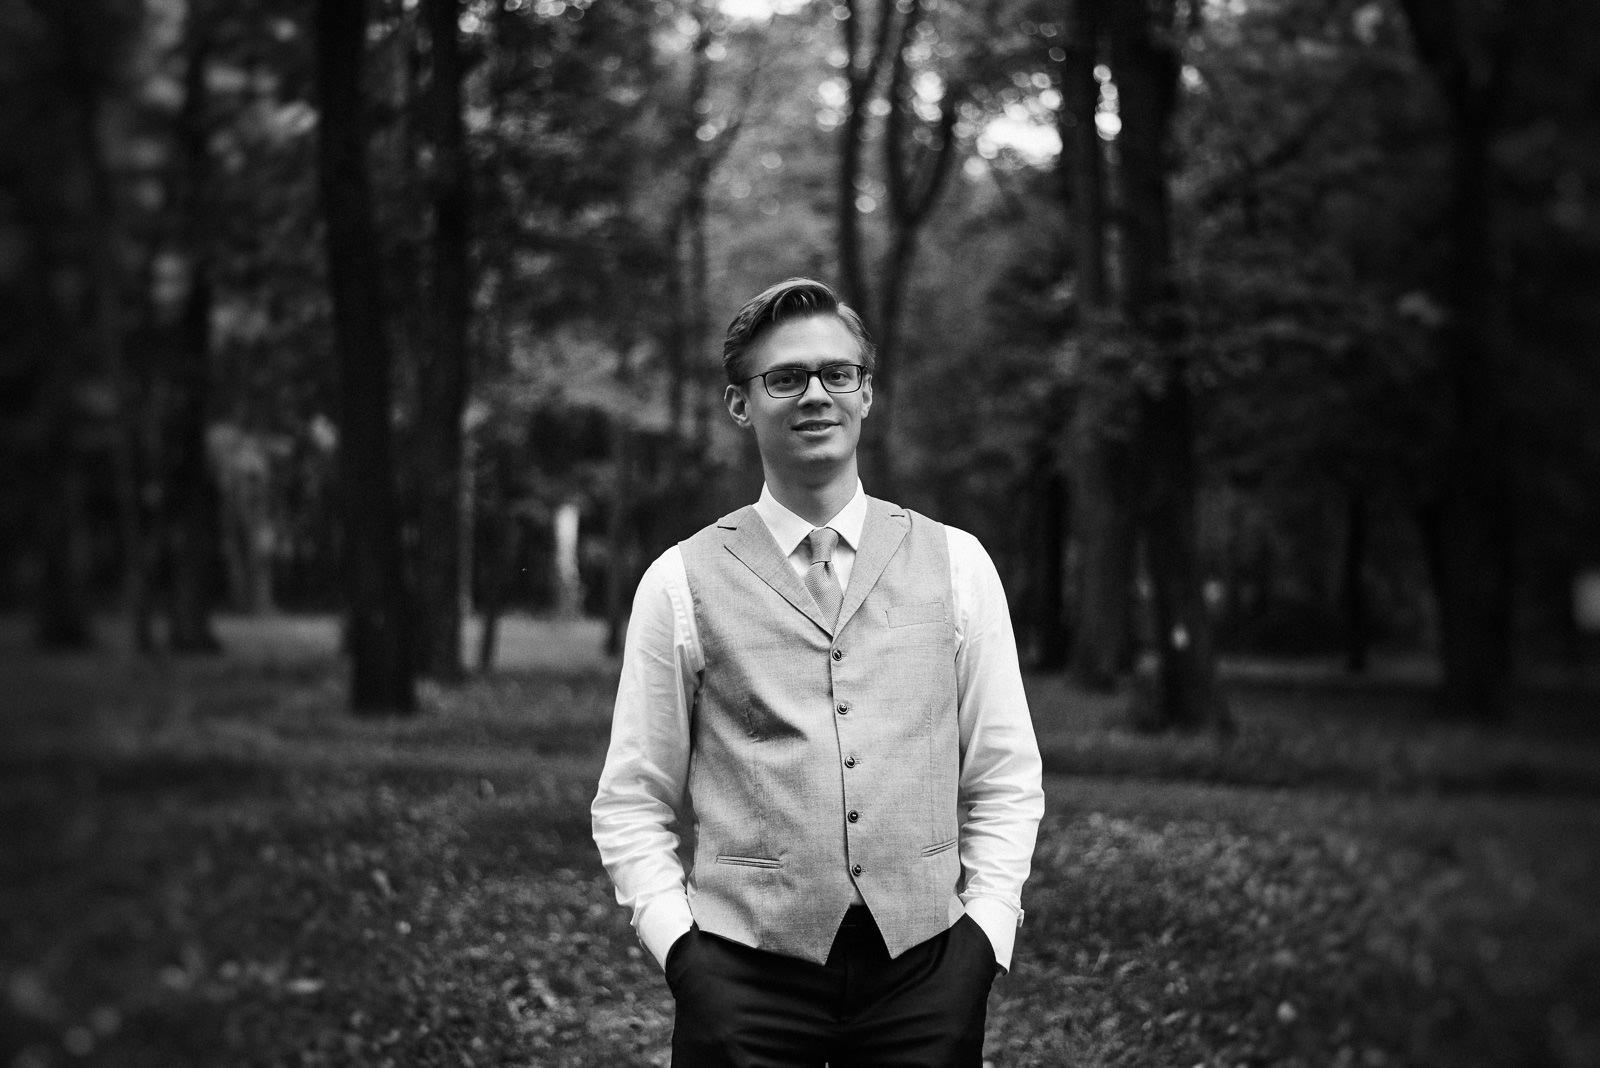 sesja-pałac-goetz-krzysiekduda-fotograf-rzeszow-27